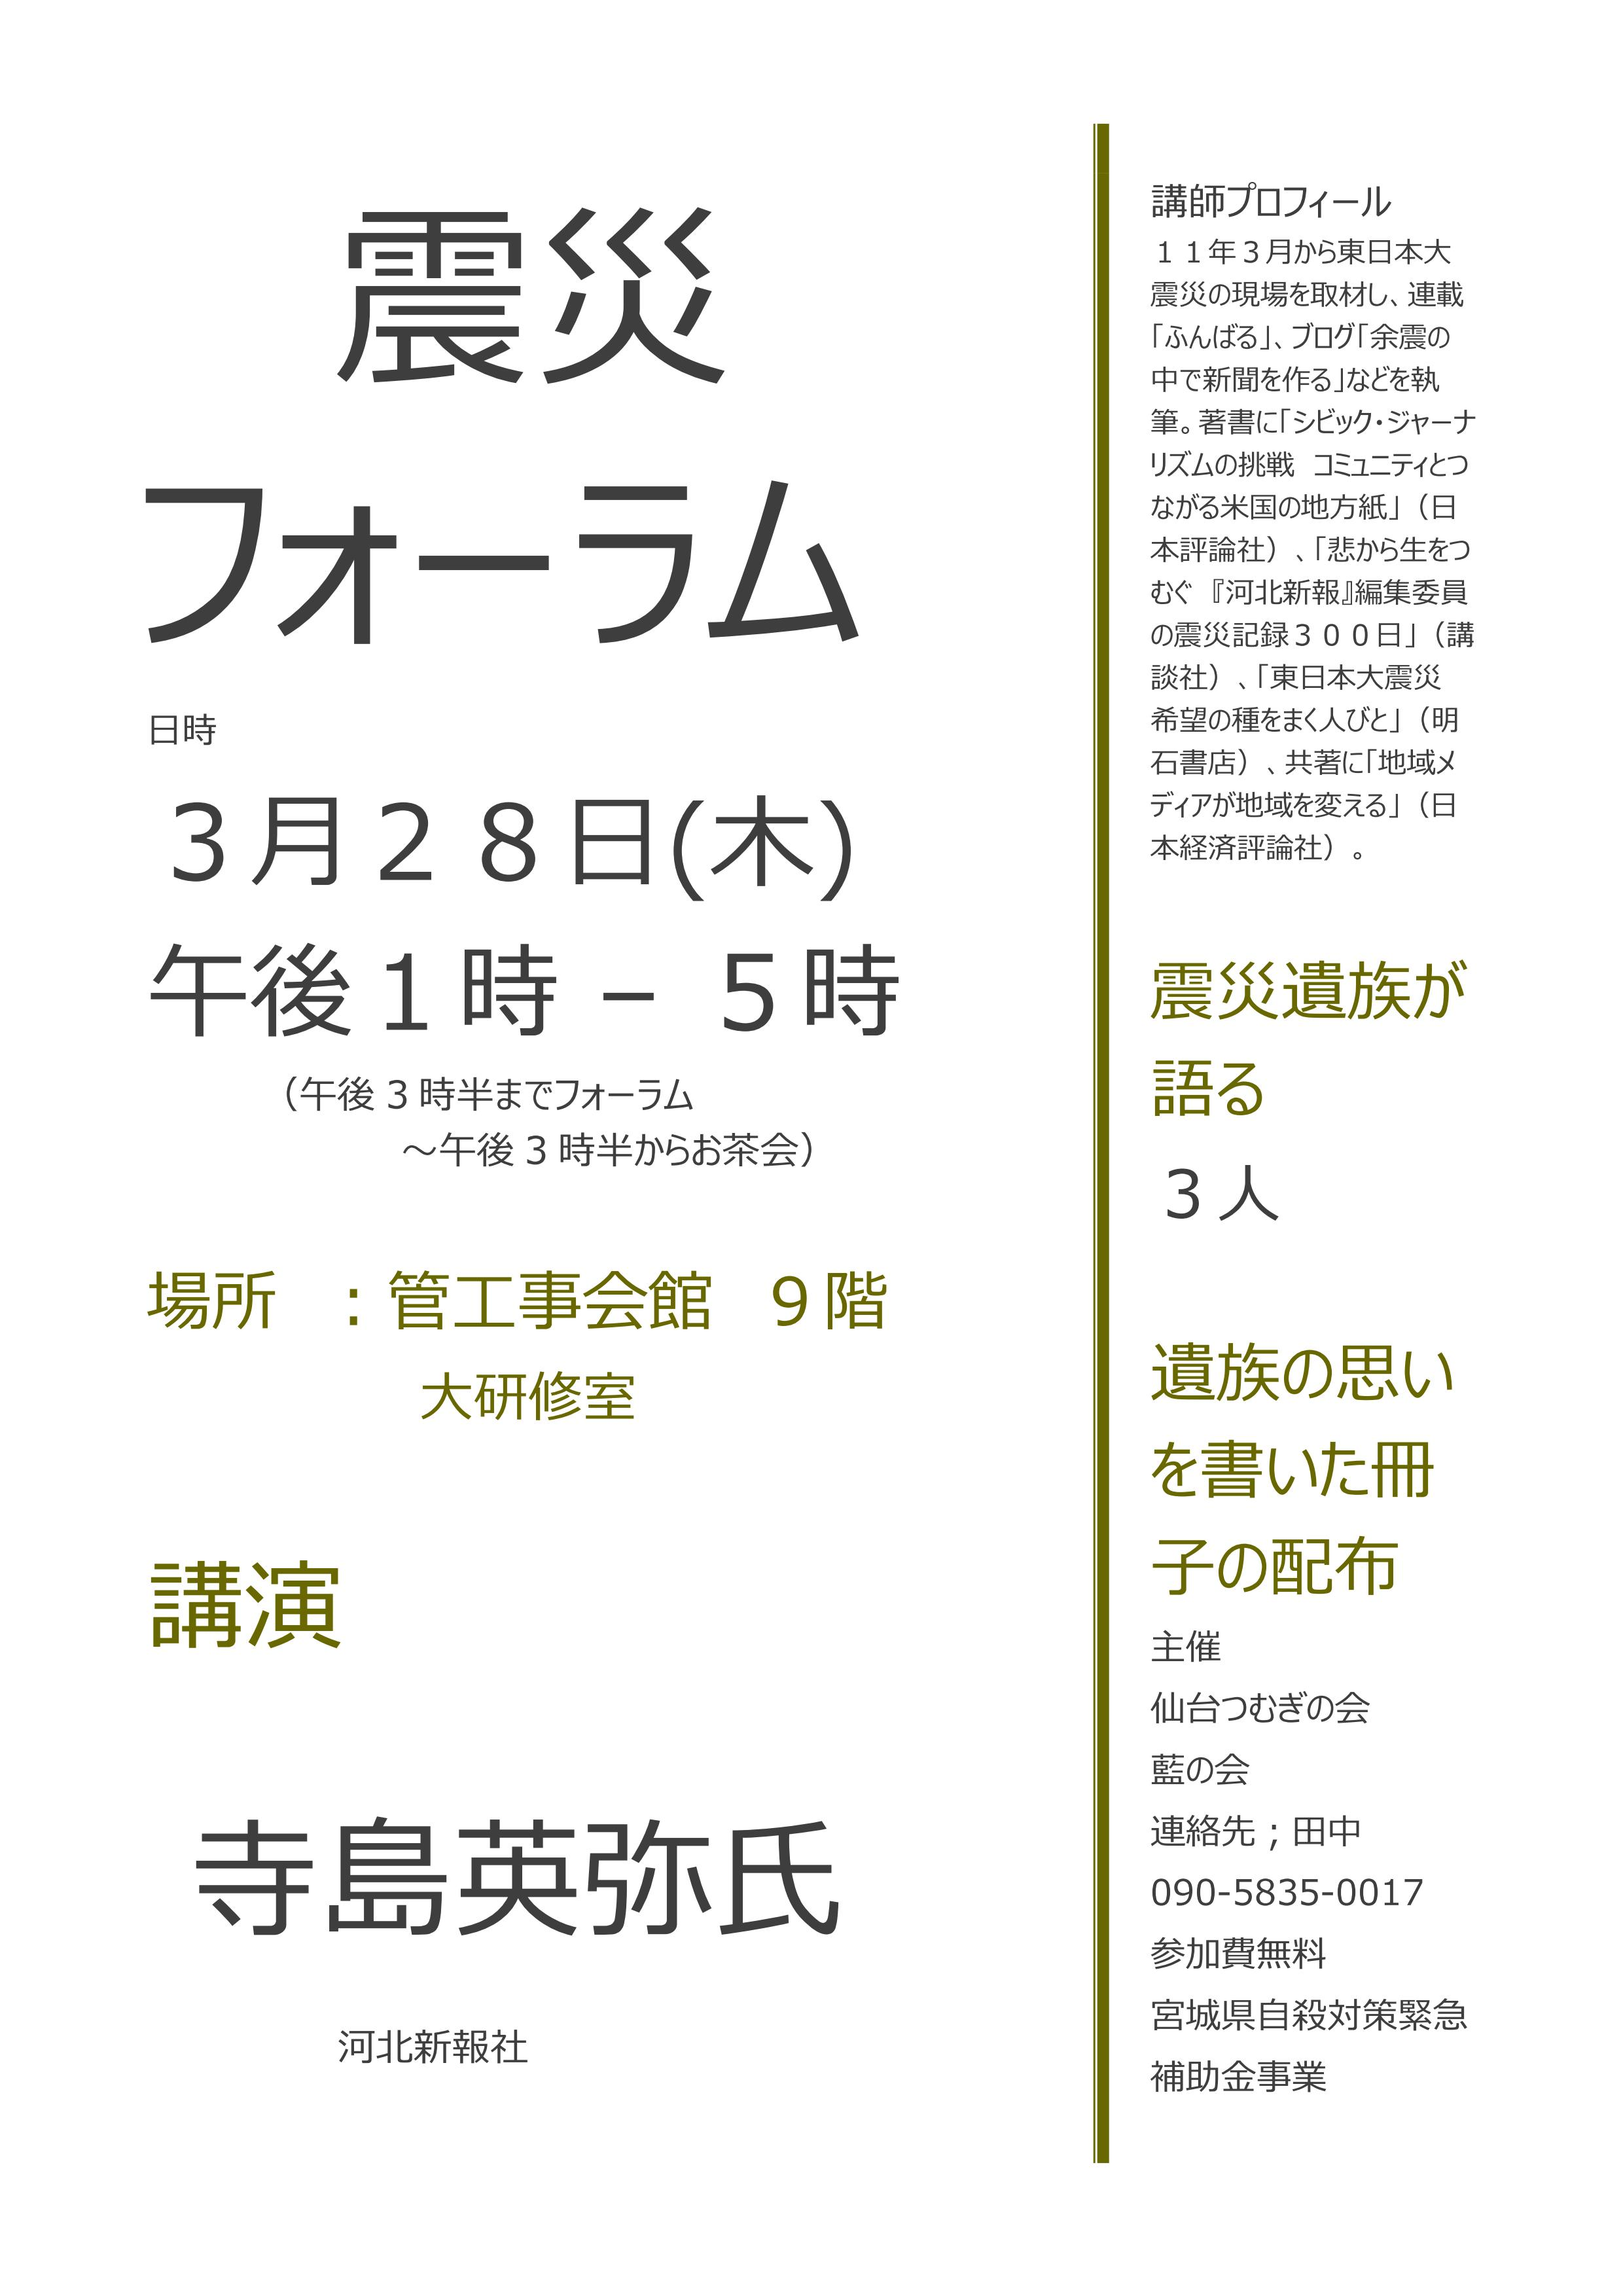 2019年03月28日 震災フォーラム_01